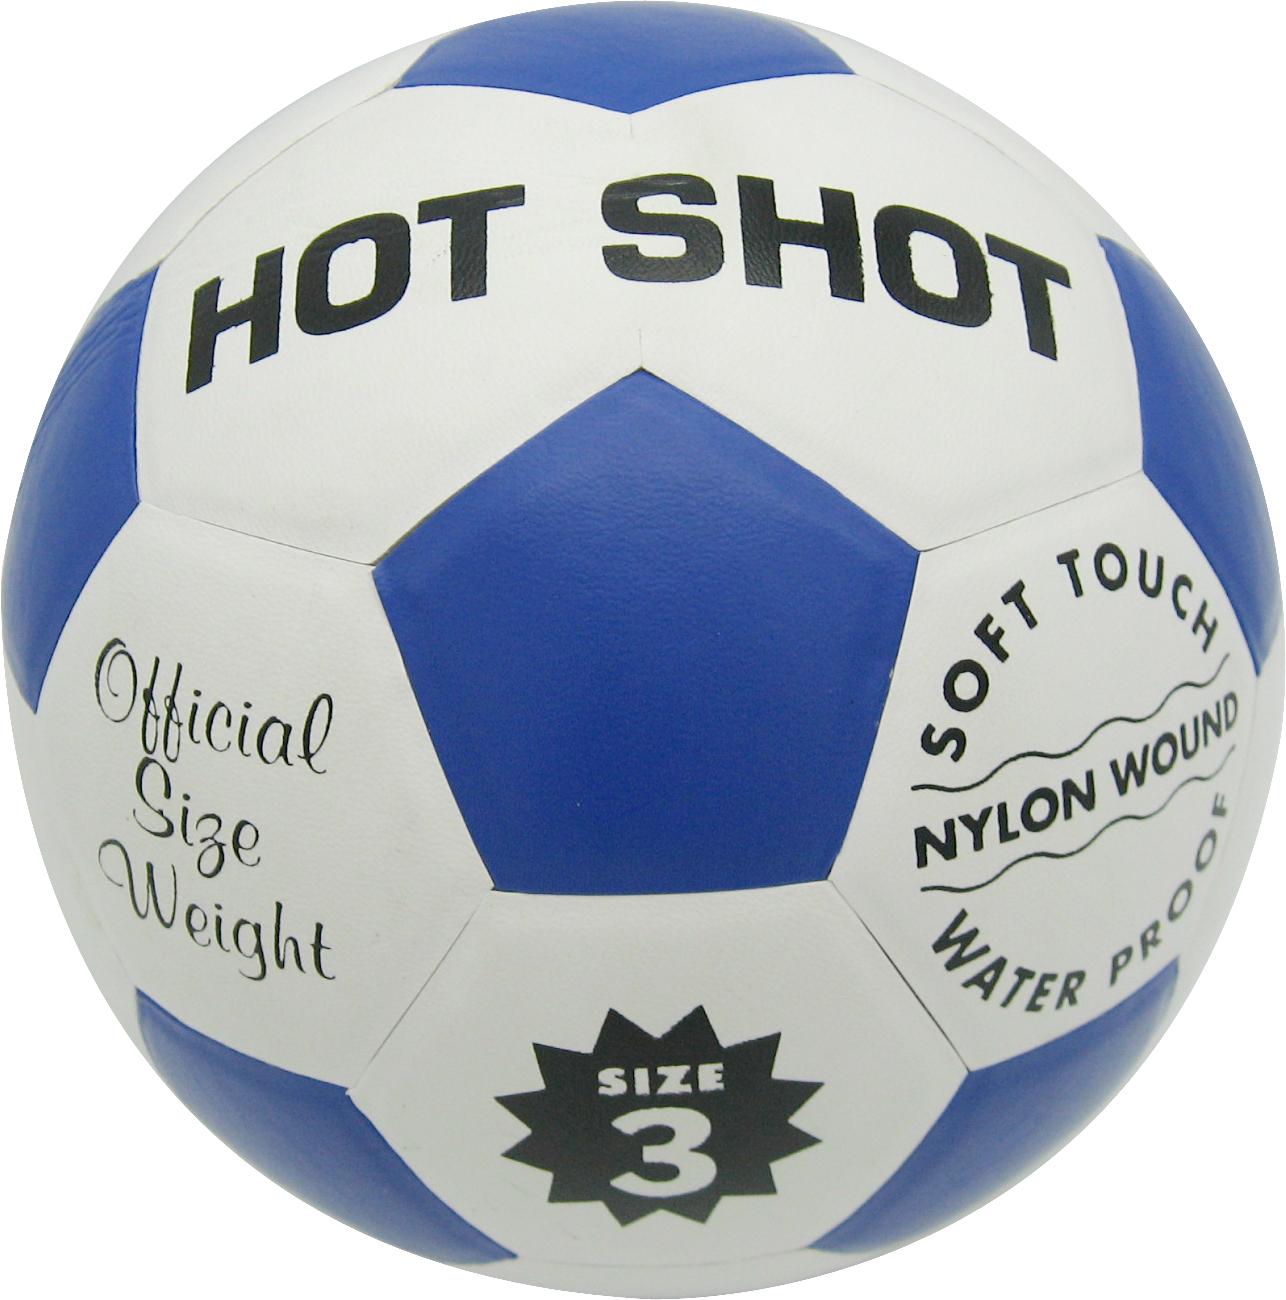 ฟุตบอล THAISPORTS HOT SHOT เบอร์ 3